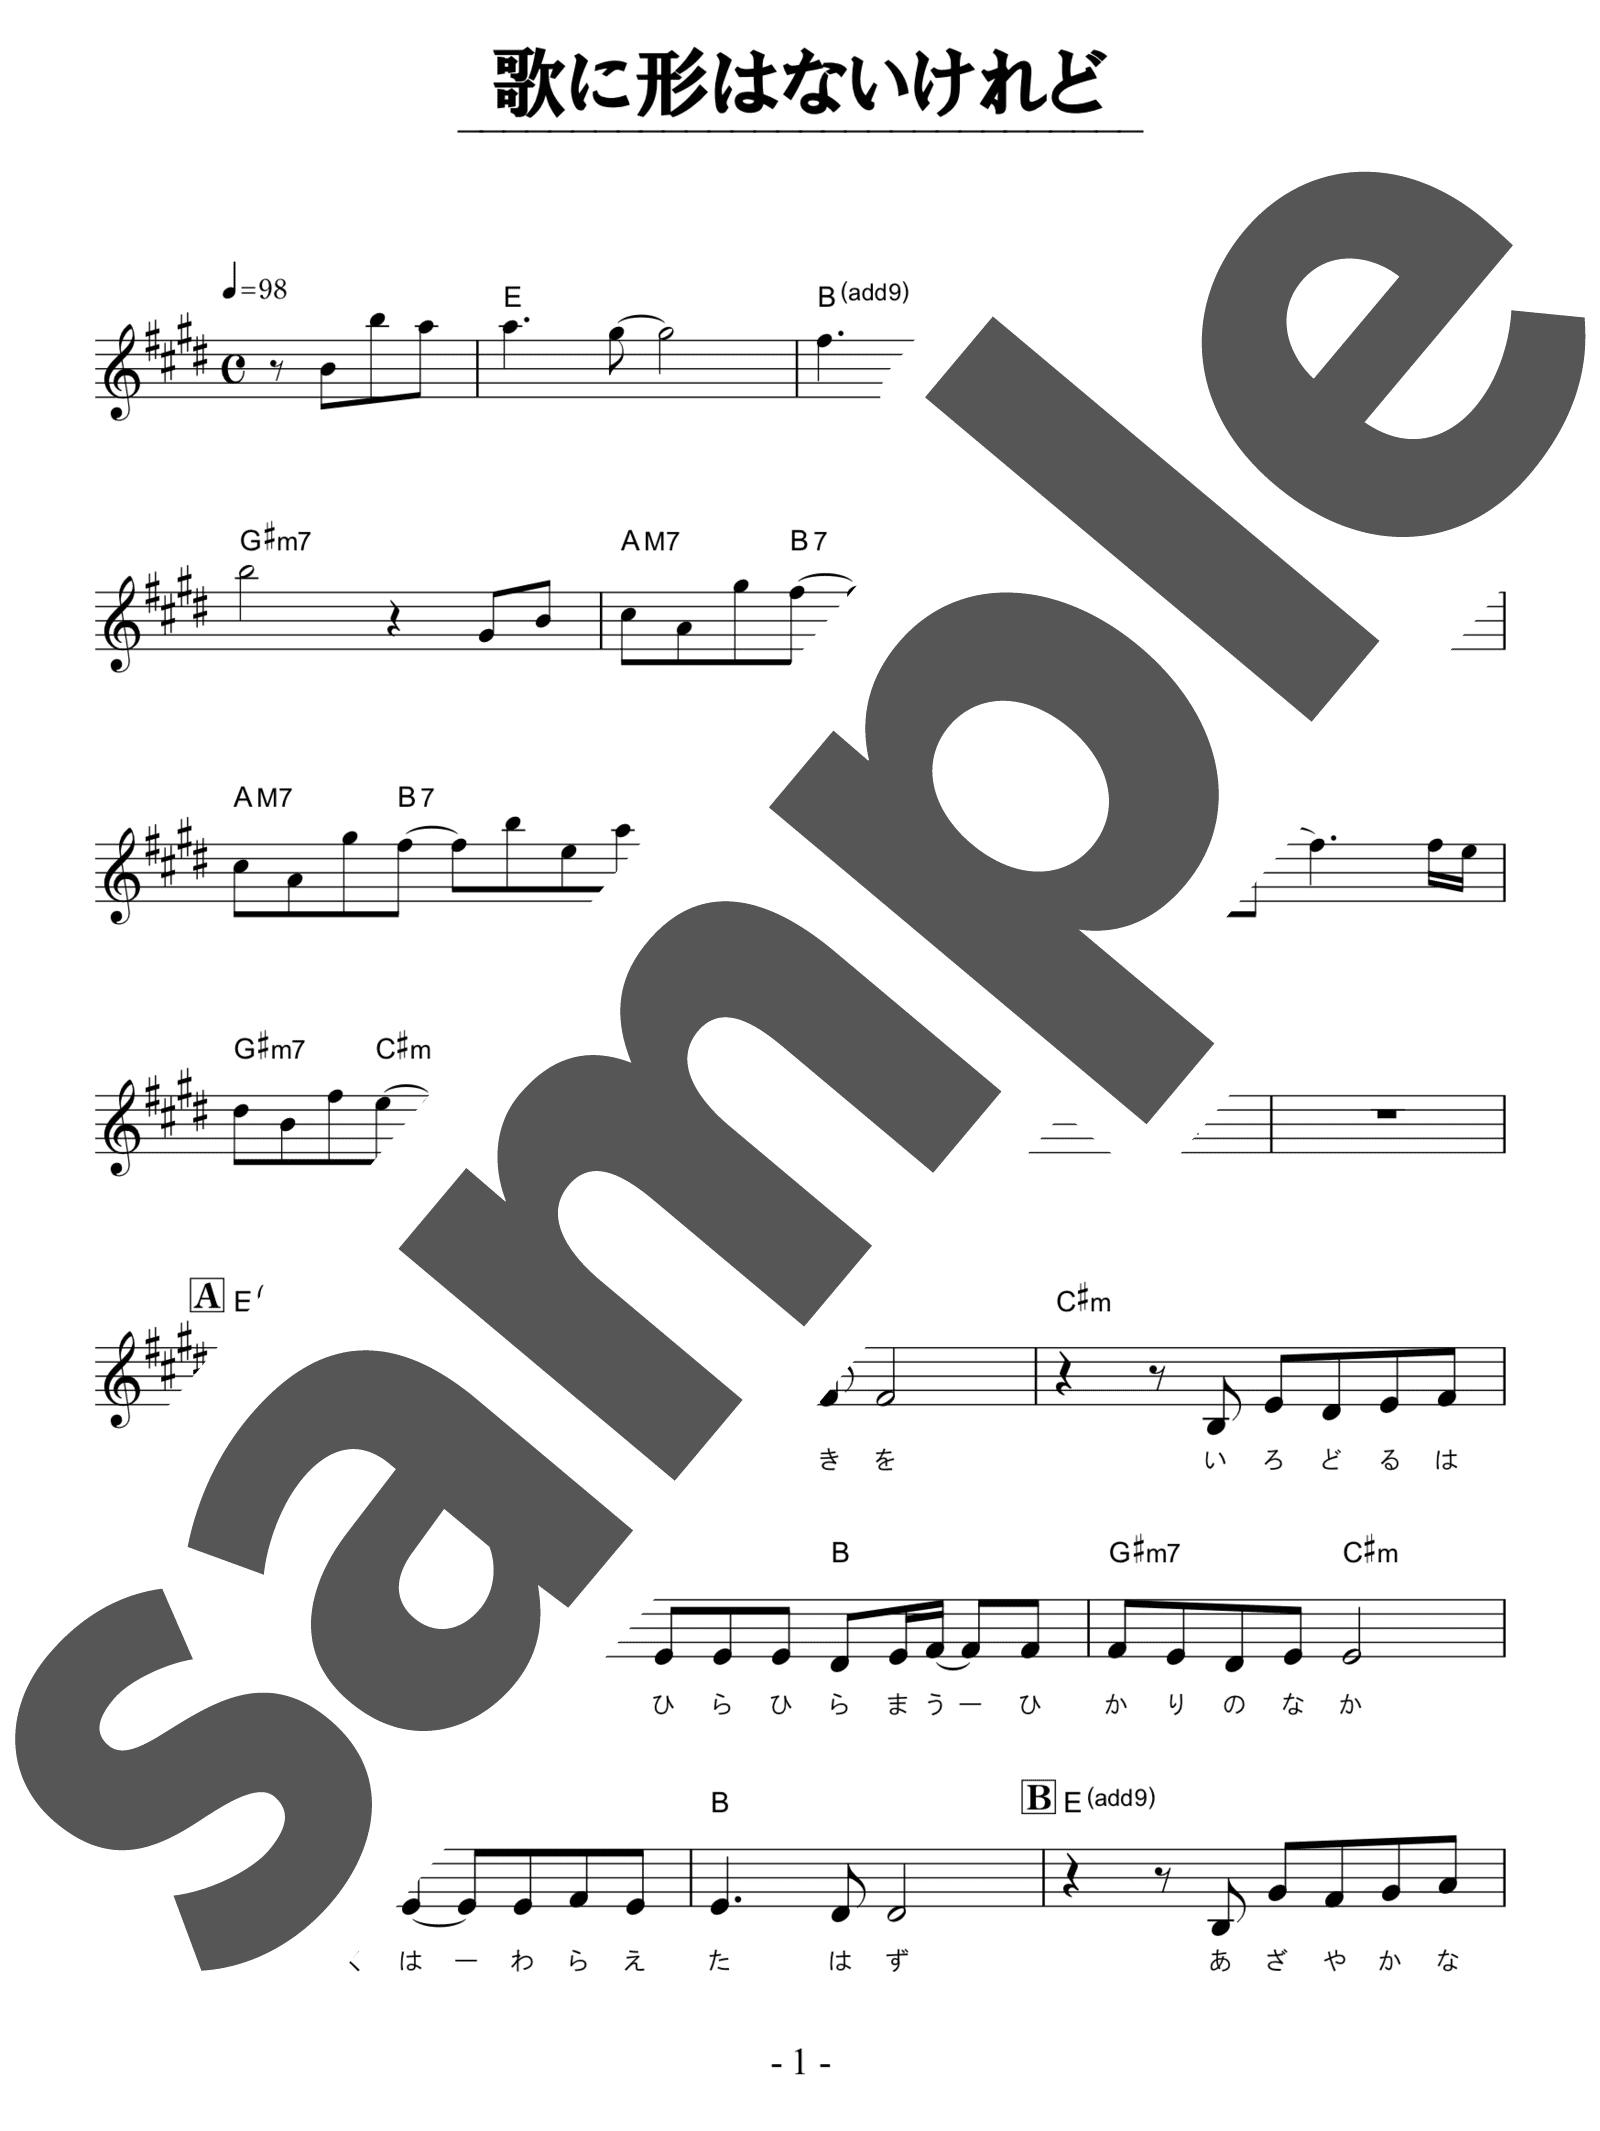 「歌に形はないけれど」のサンプル楽譜